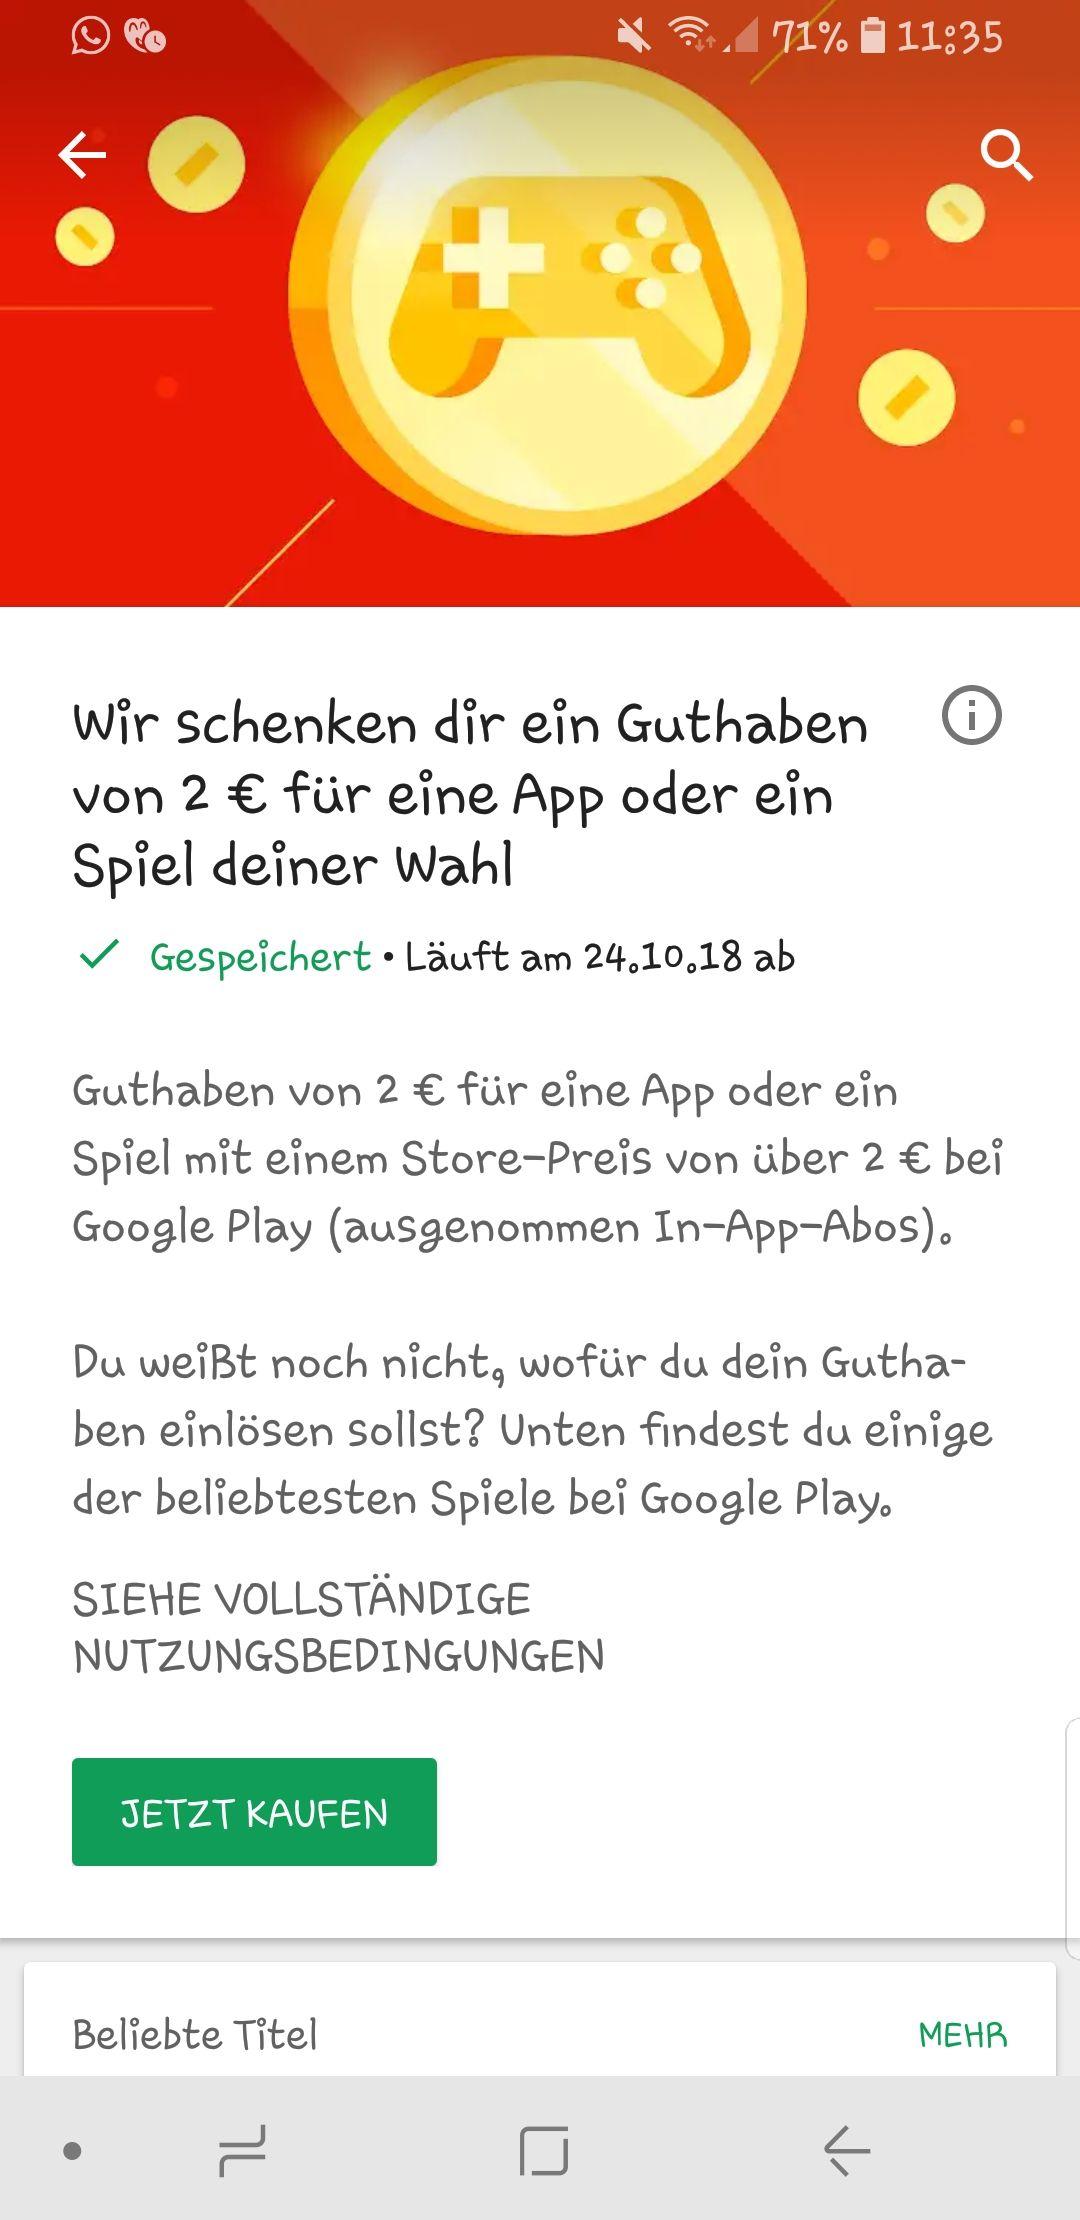 Google Play Schenkt 2EUR Wenn Man Eine App Oder Spiel Von Uber Kauft Musste Wahrscheinlich Auch Bei In Kaufe Funktionieren